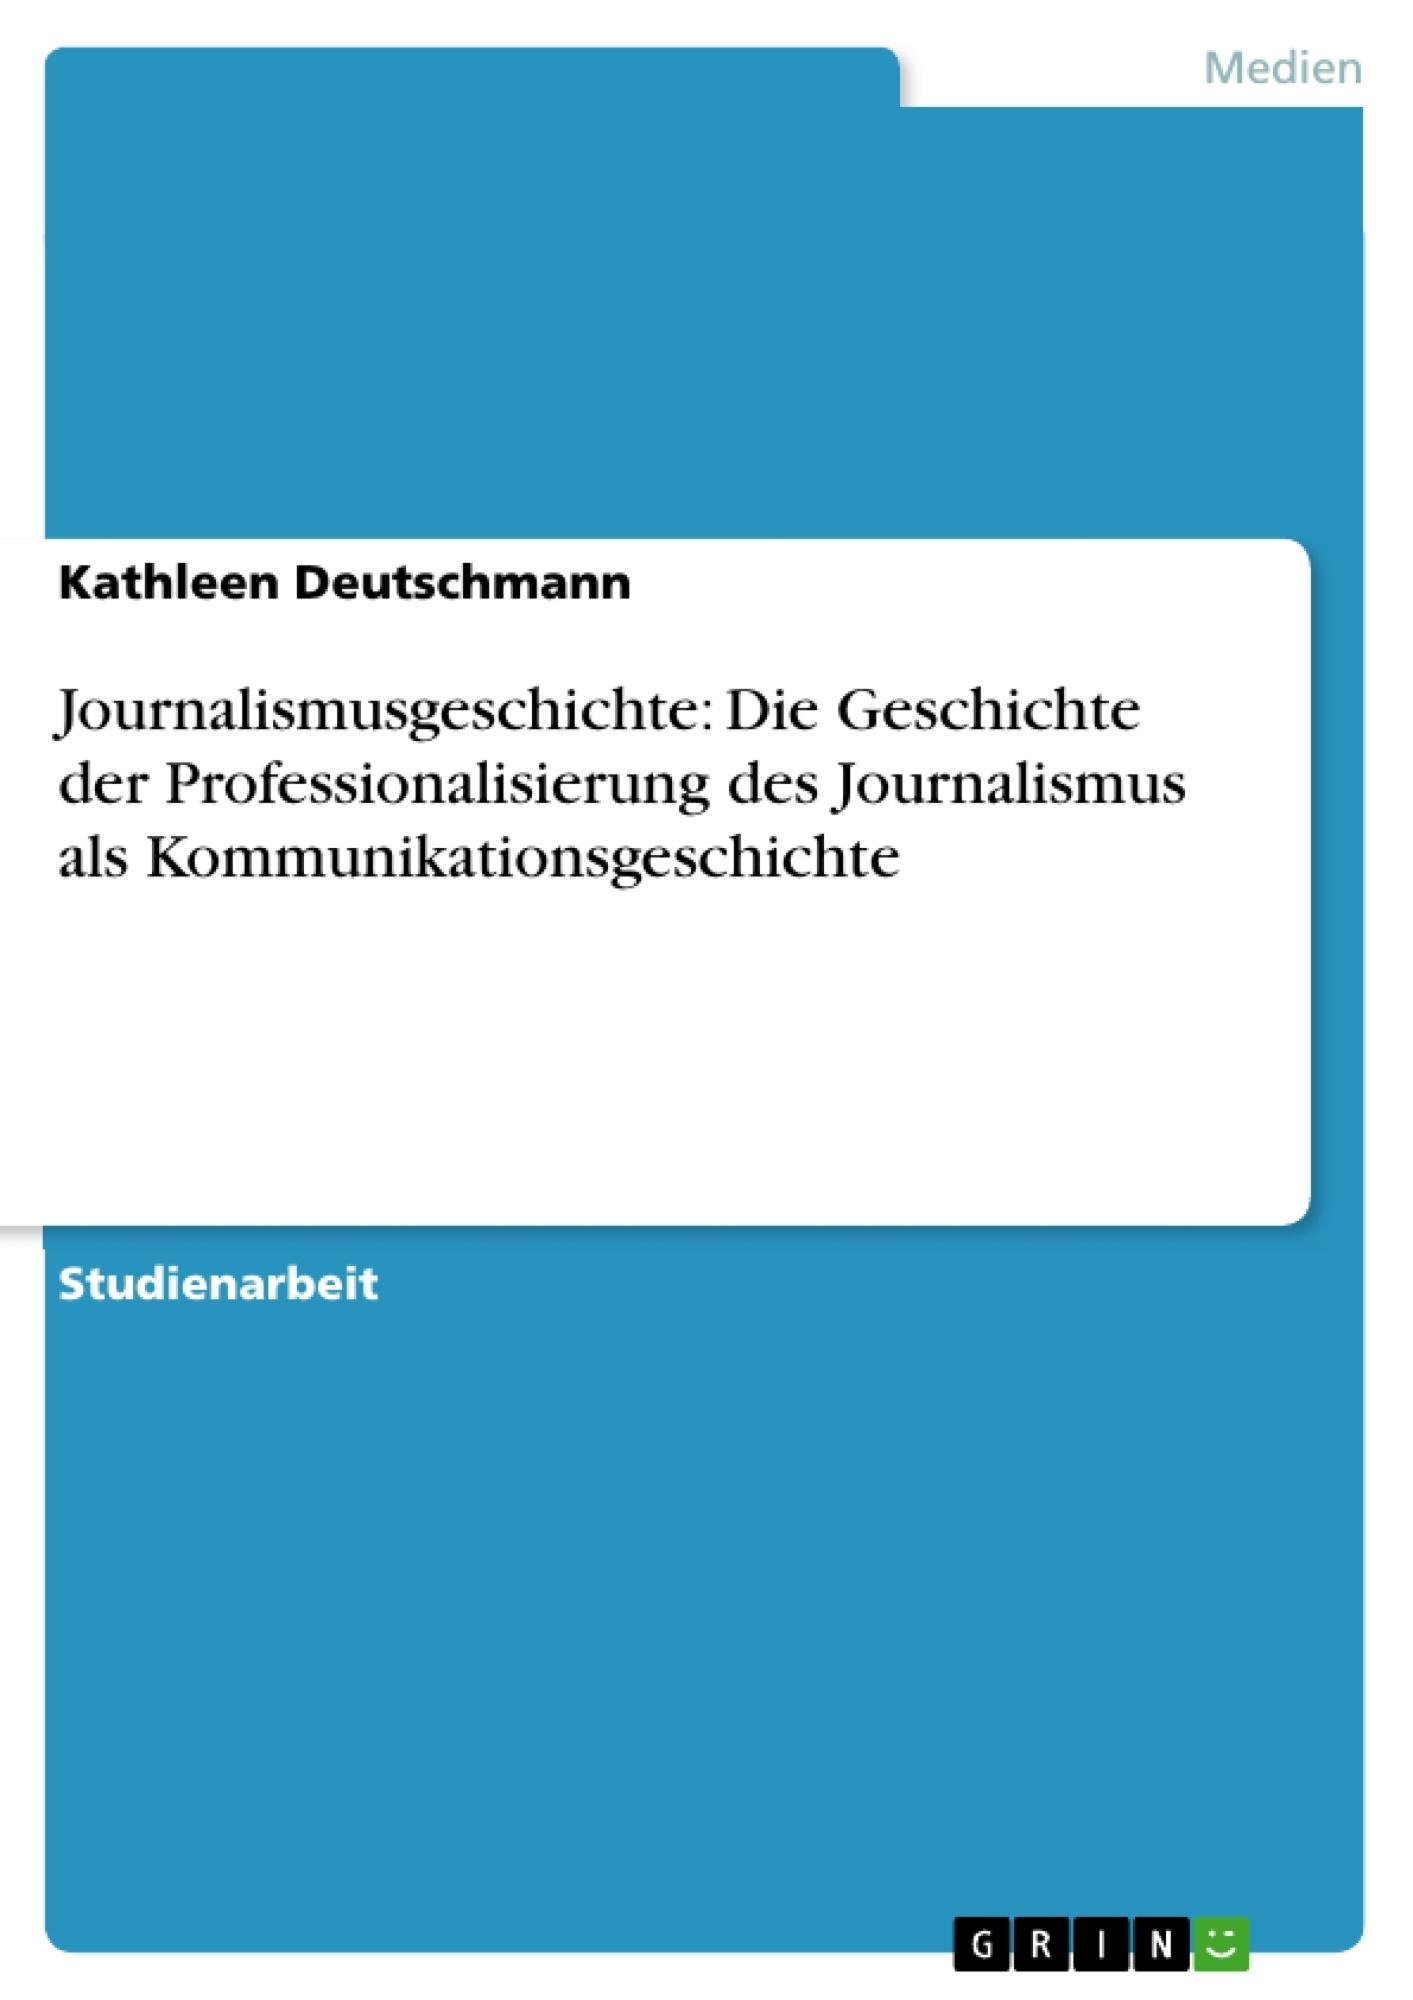 Titel: Journalismusgeschichte: Die Geschichte der Professionalisierung des Journalismus als Kommunikationsgeschichte